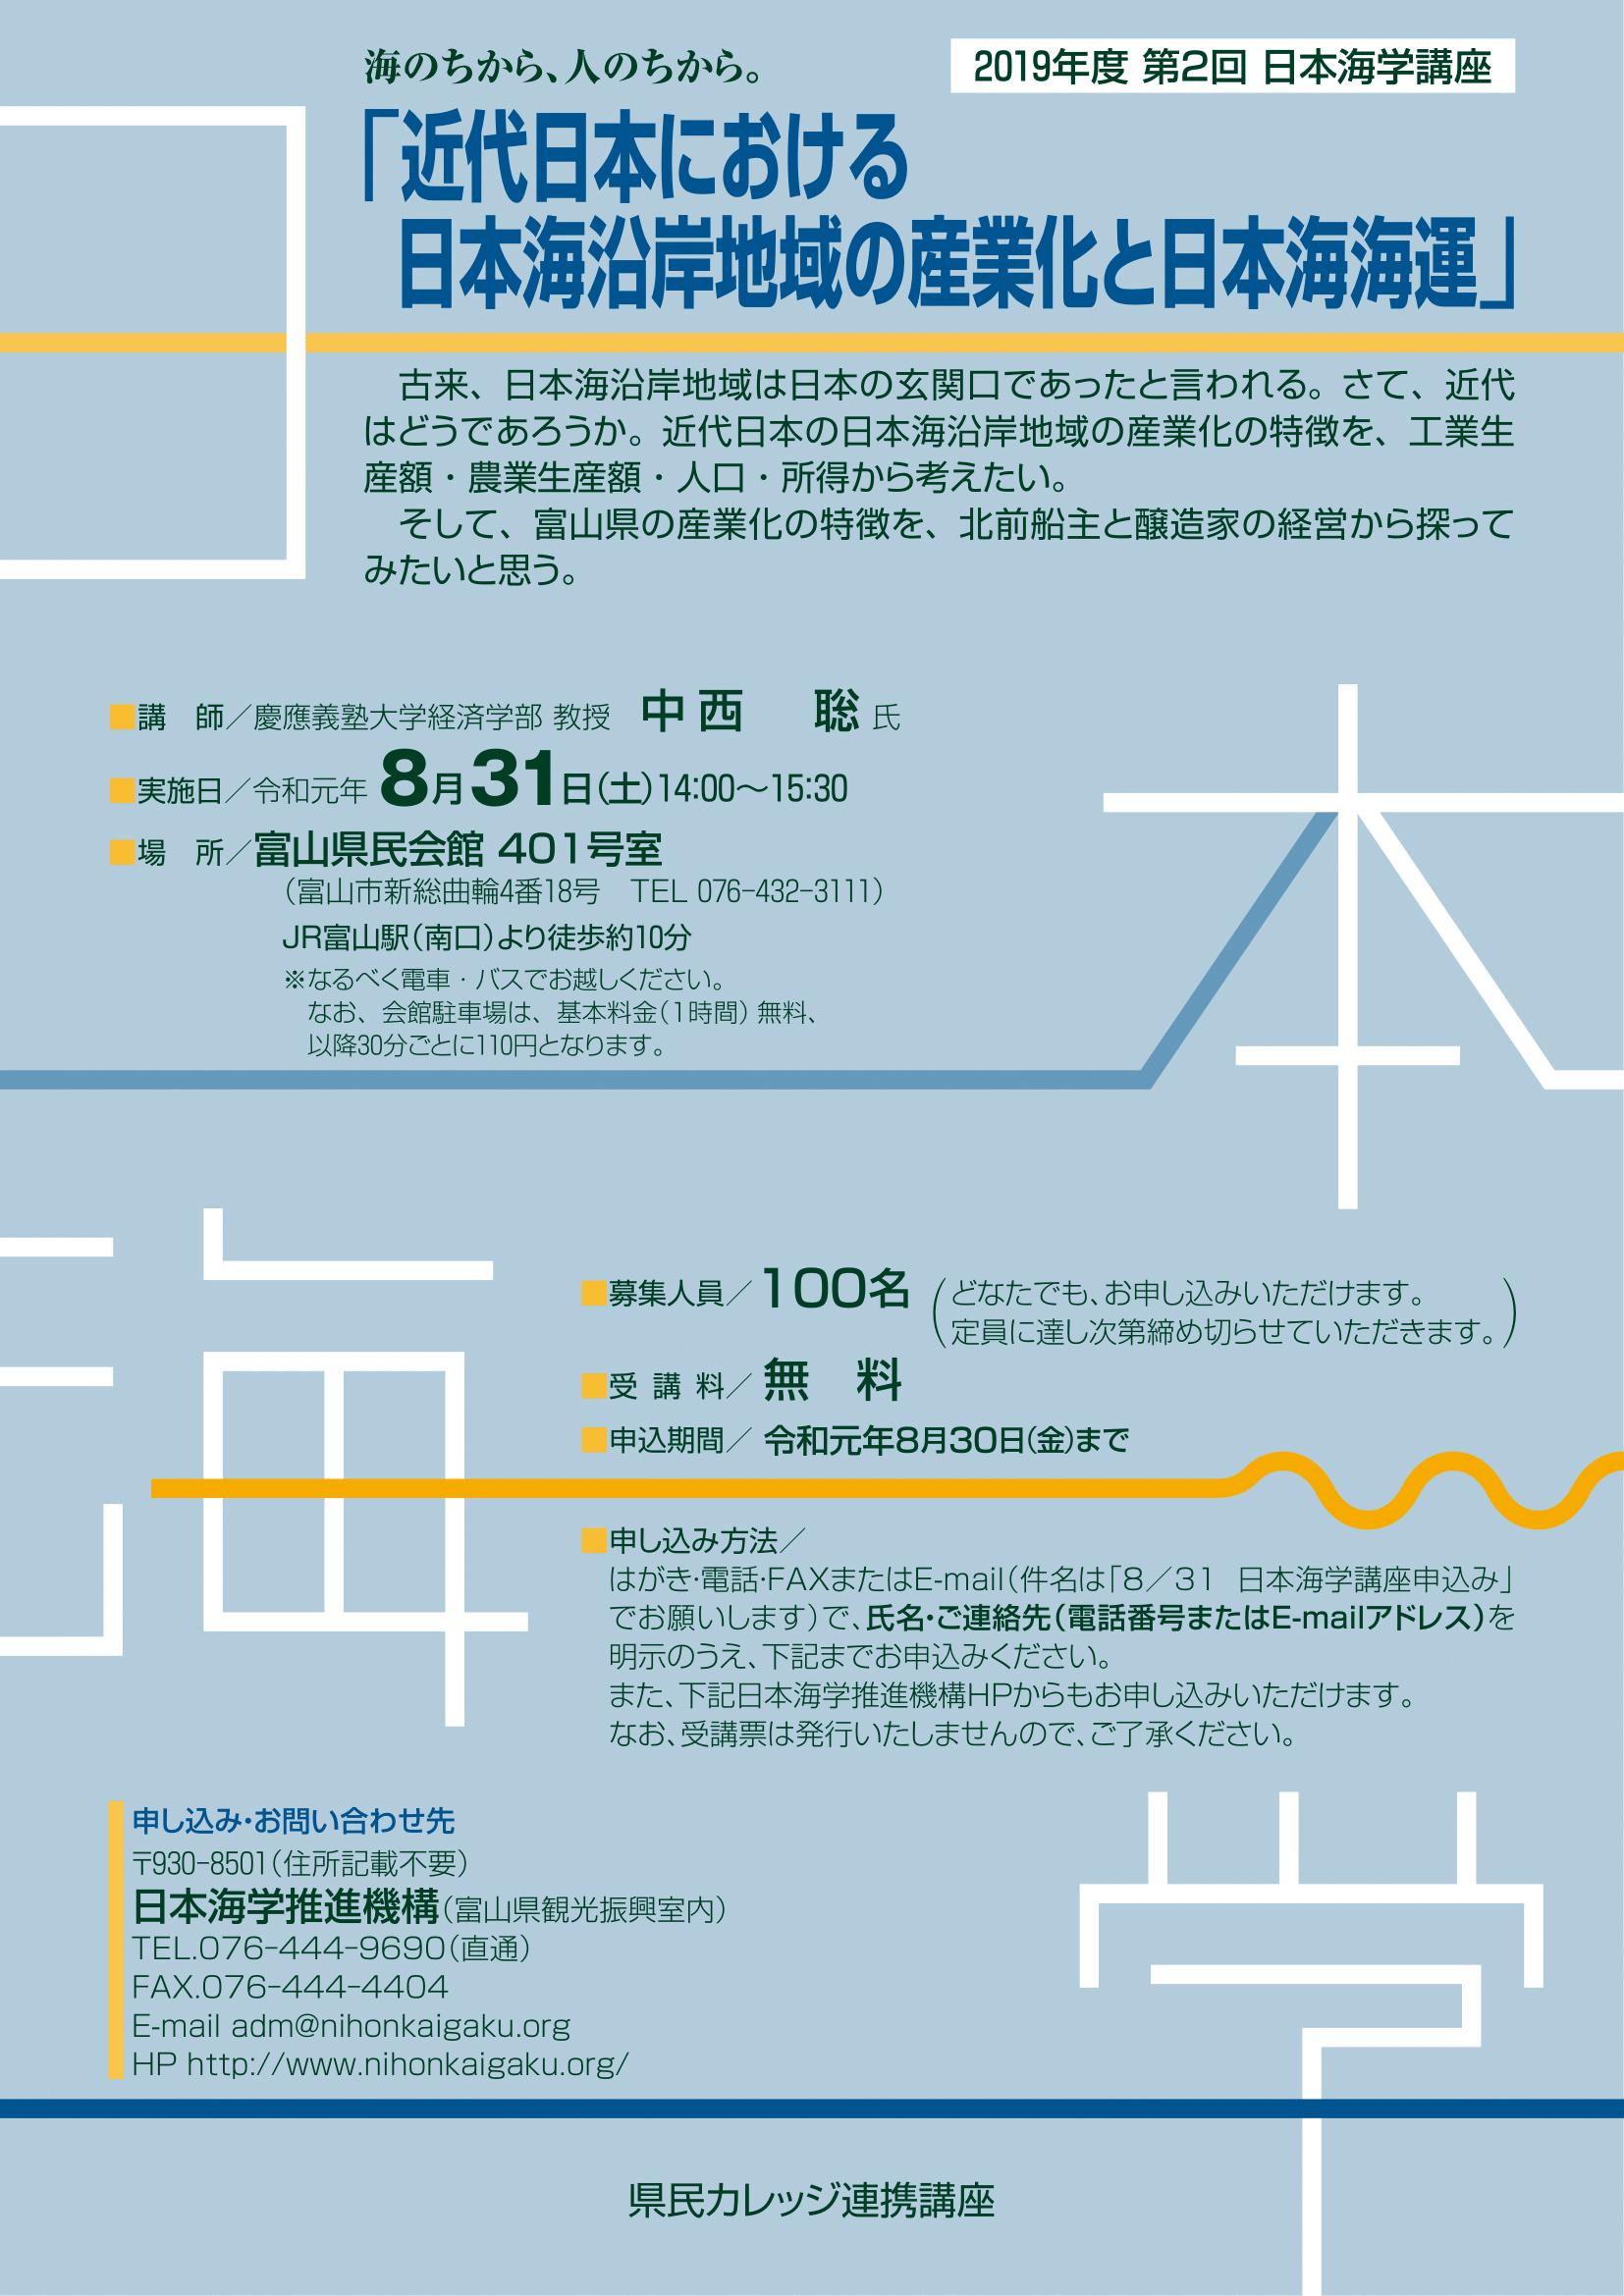 2019年度第2回日本海学講座